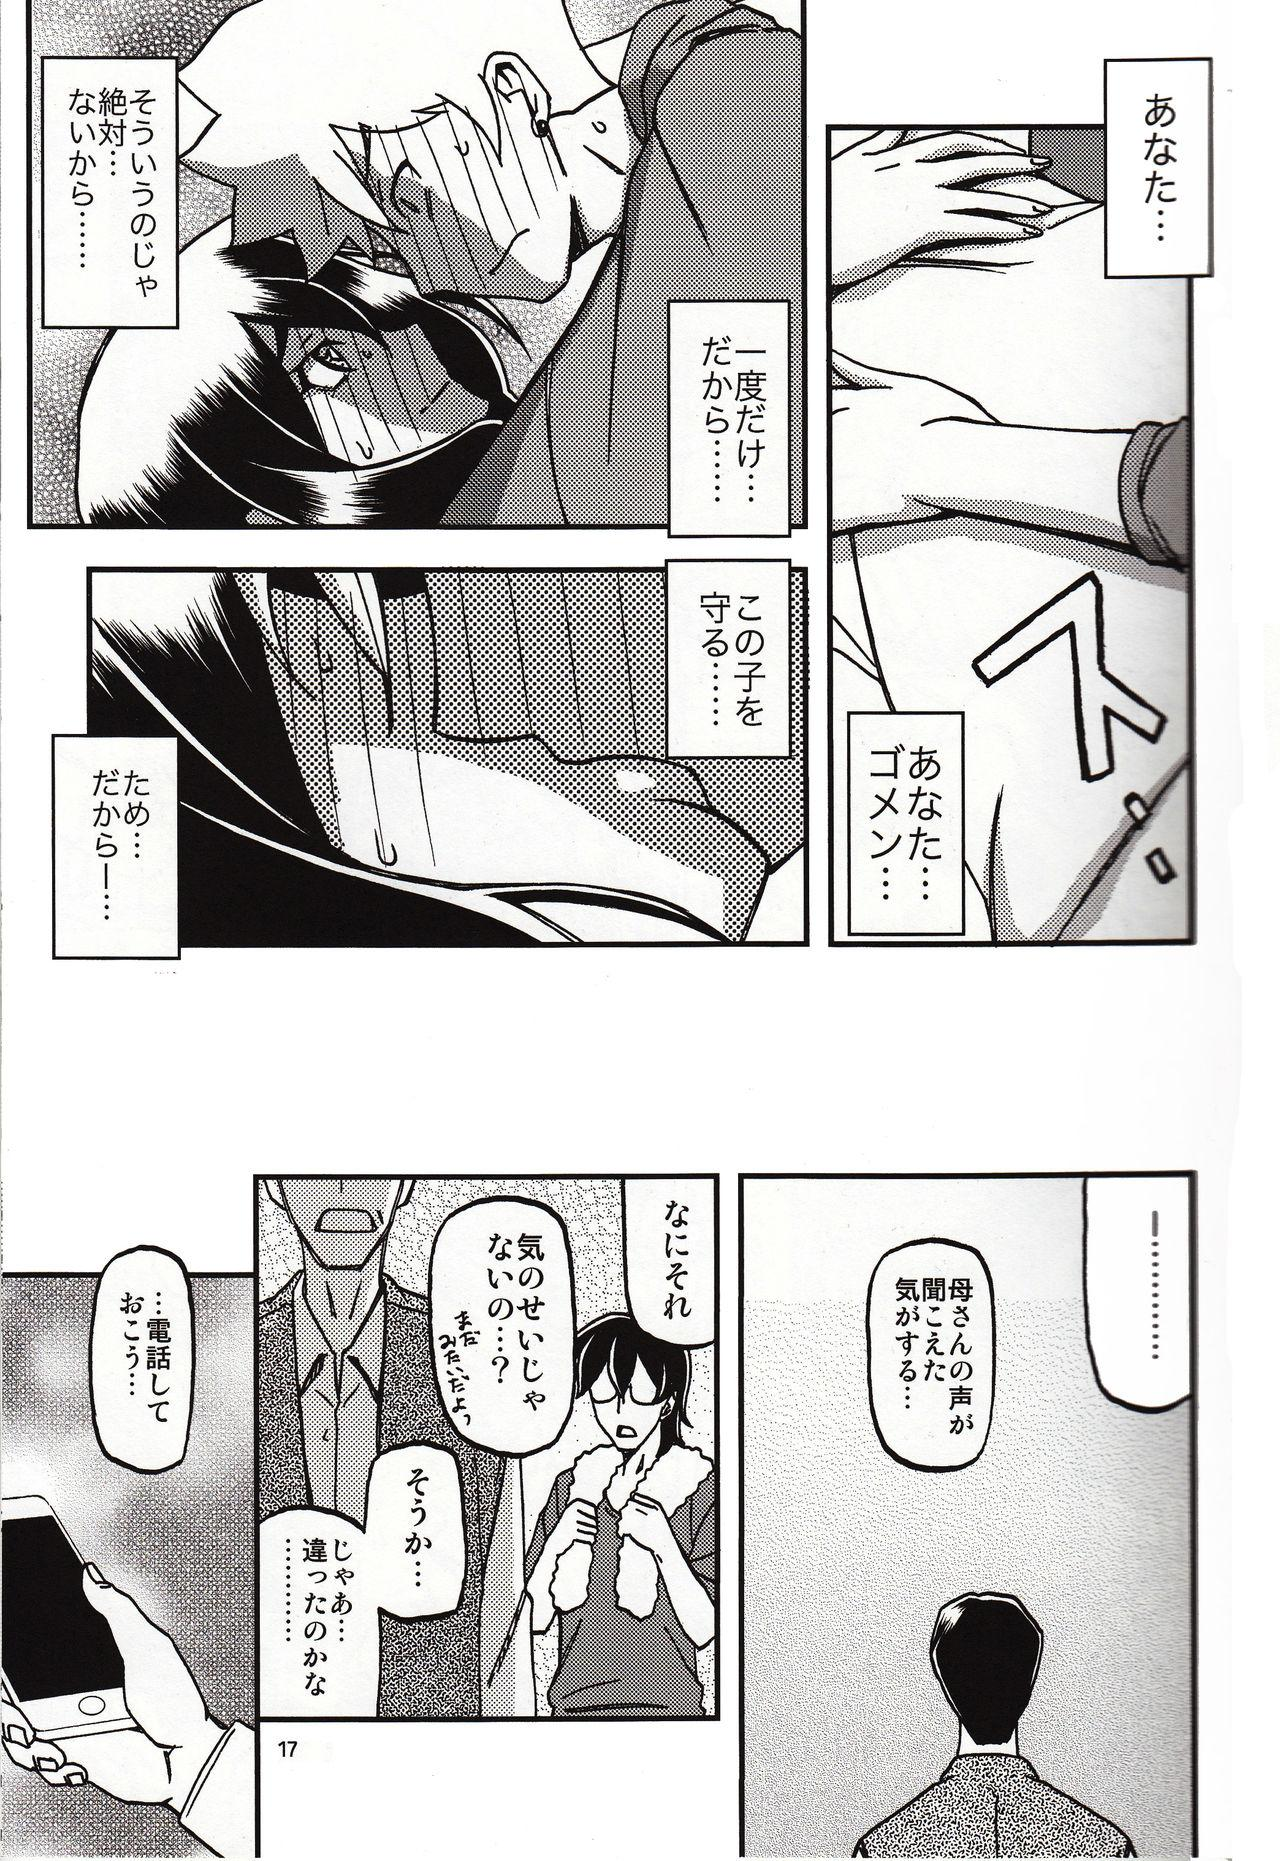 Akebi no Mi - Chizuru katei 15